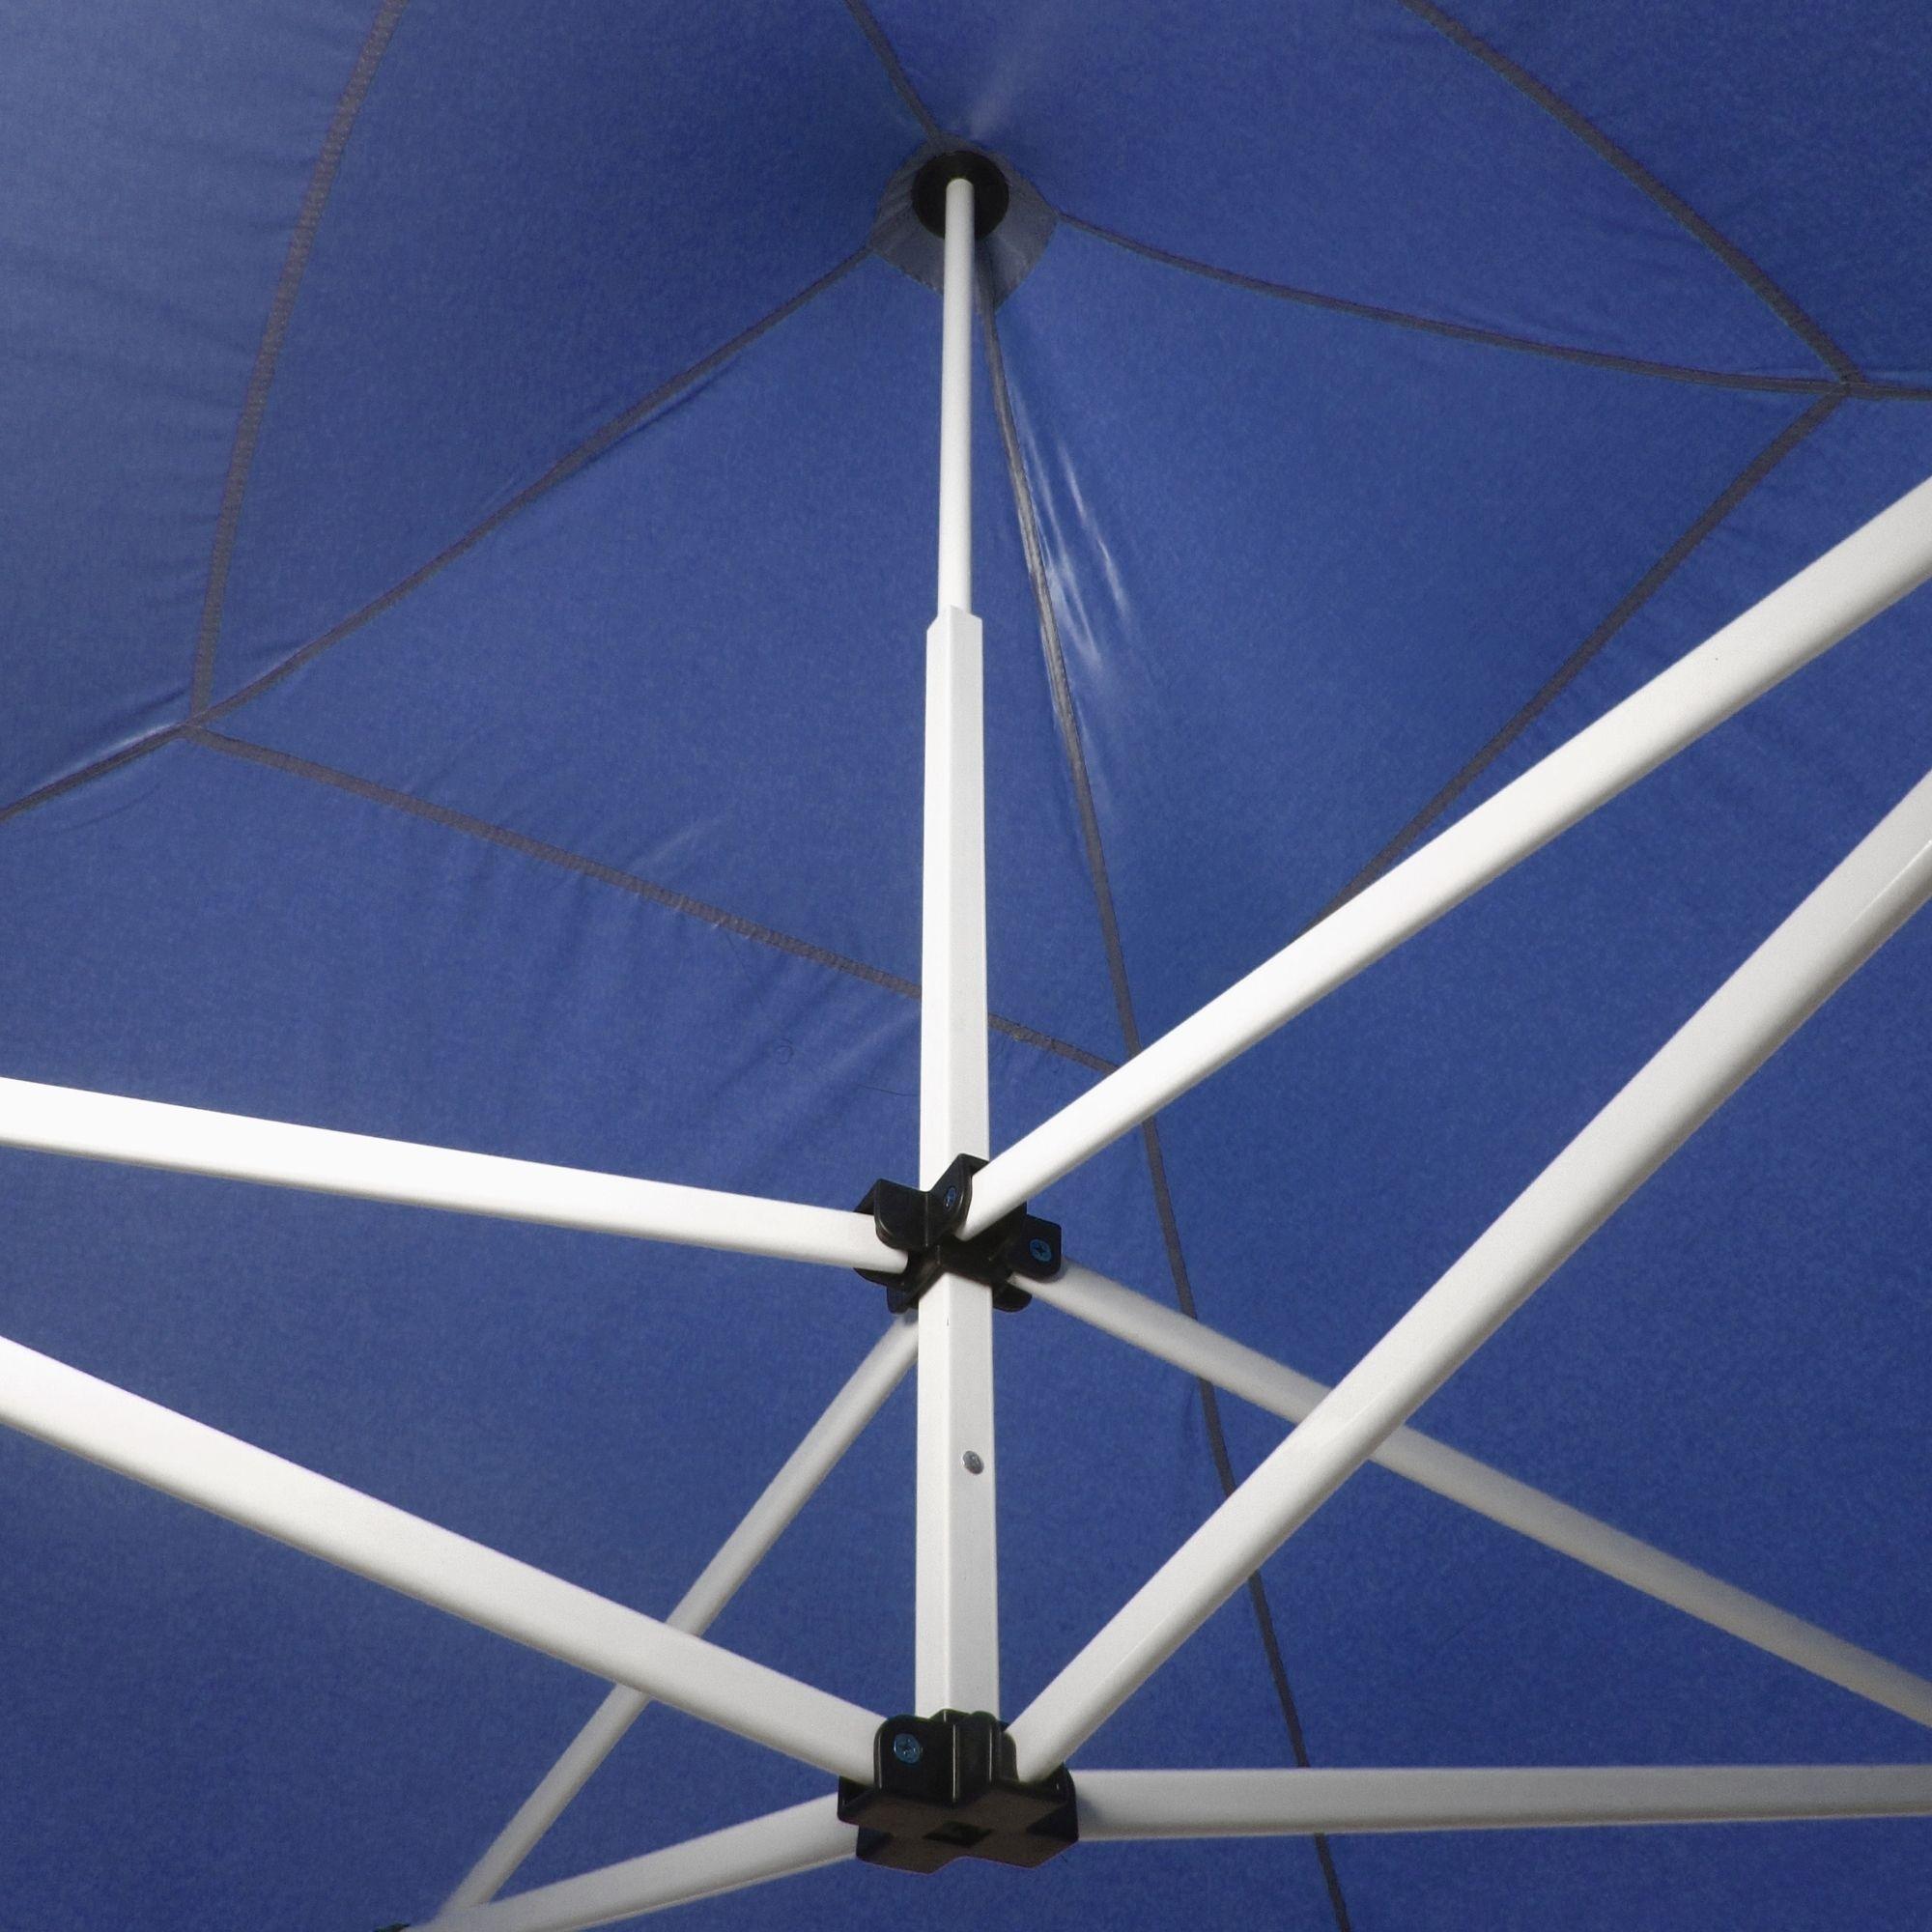 JOM Tente de réception PRO pliante 3 x 3 m, toile Oxford 420D, enduit PVC  coté intérieur, 4X parois laterales, 3 fenêtres, polyéthylène: PE 230g/m²,  ...